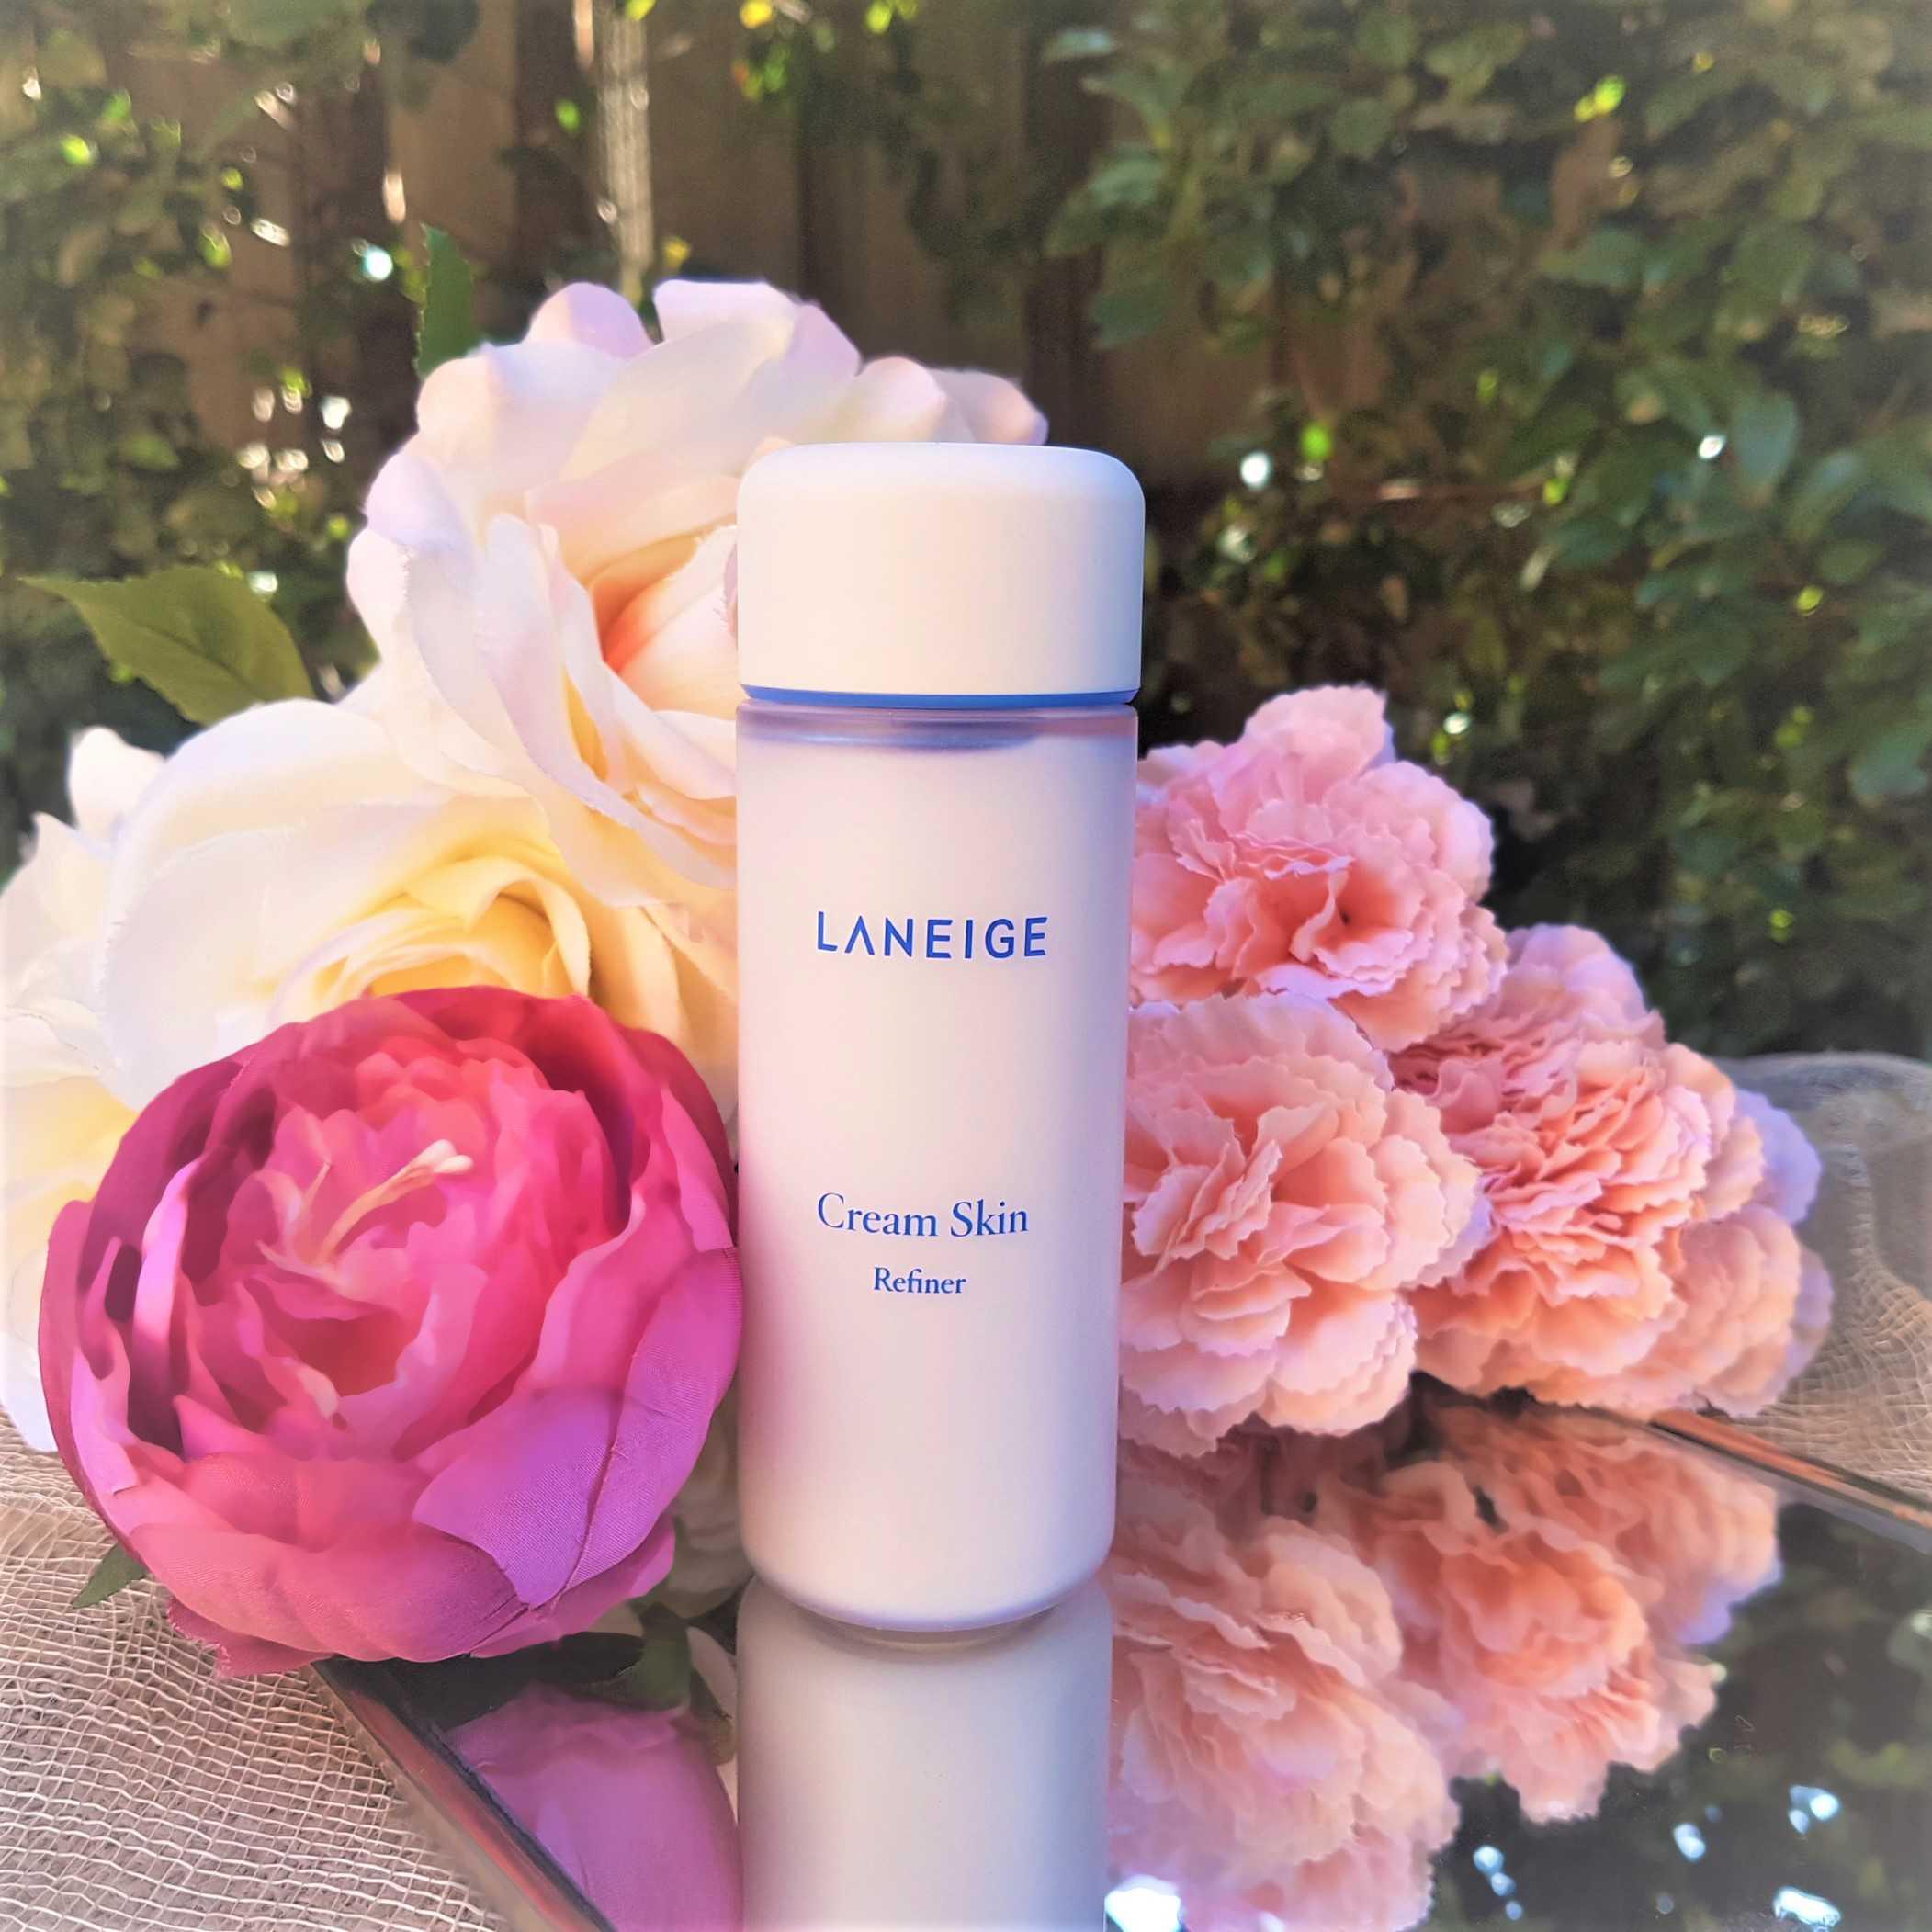 Laneige Cream Skin Refiner